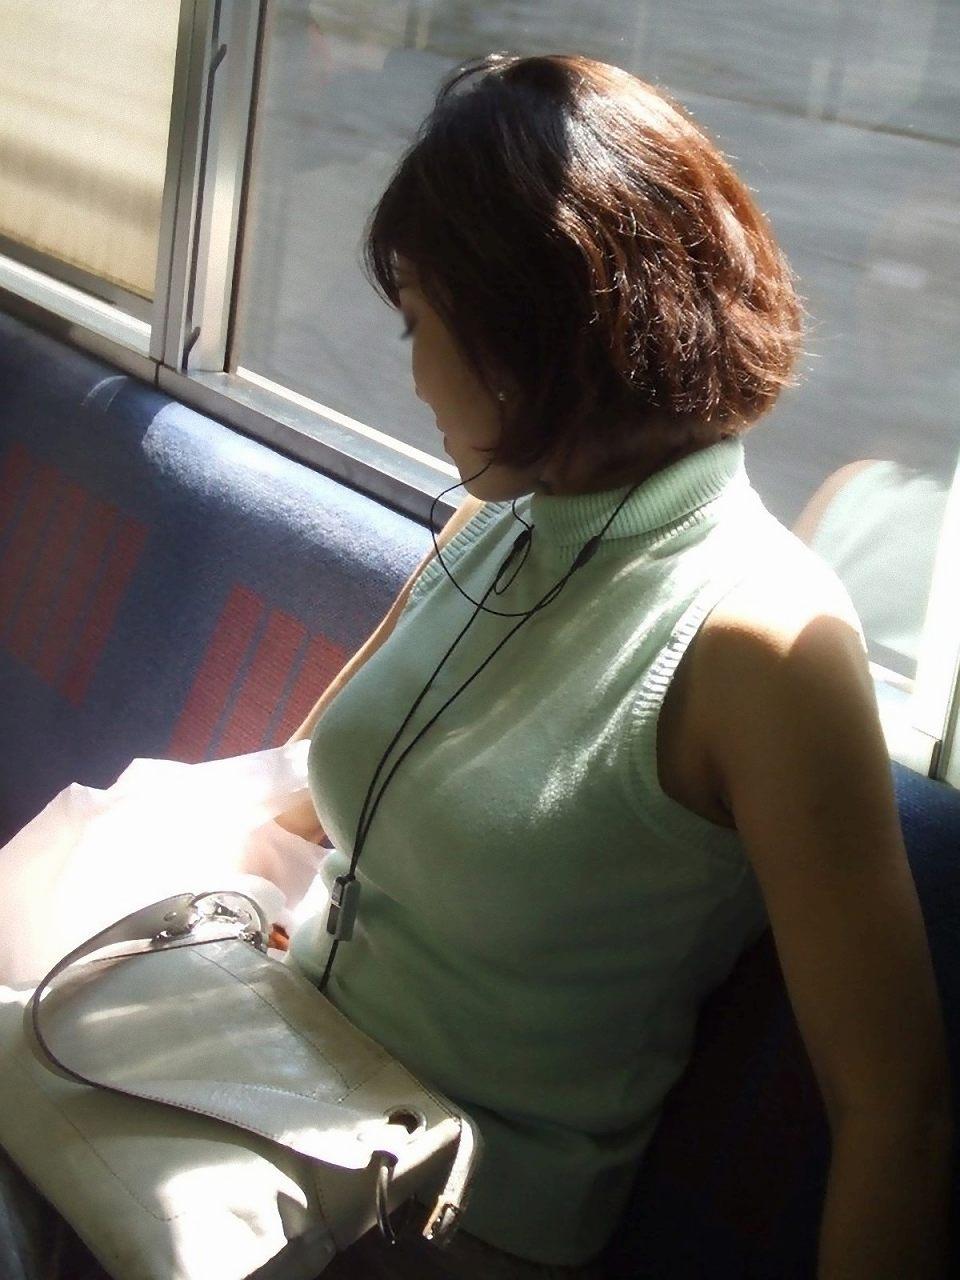 【巨乳エロ画像】見ていいから目立たせてんでしょw街の目を引く大きな着胸www 10